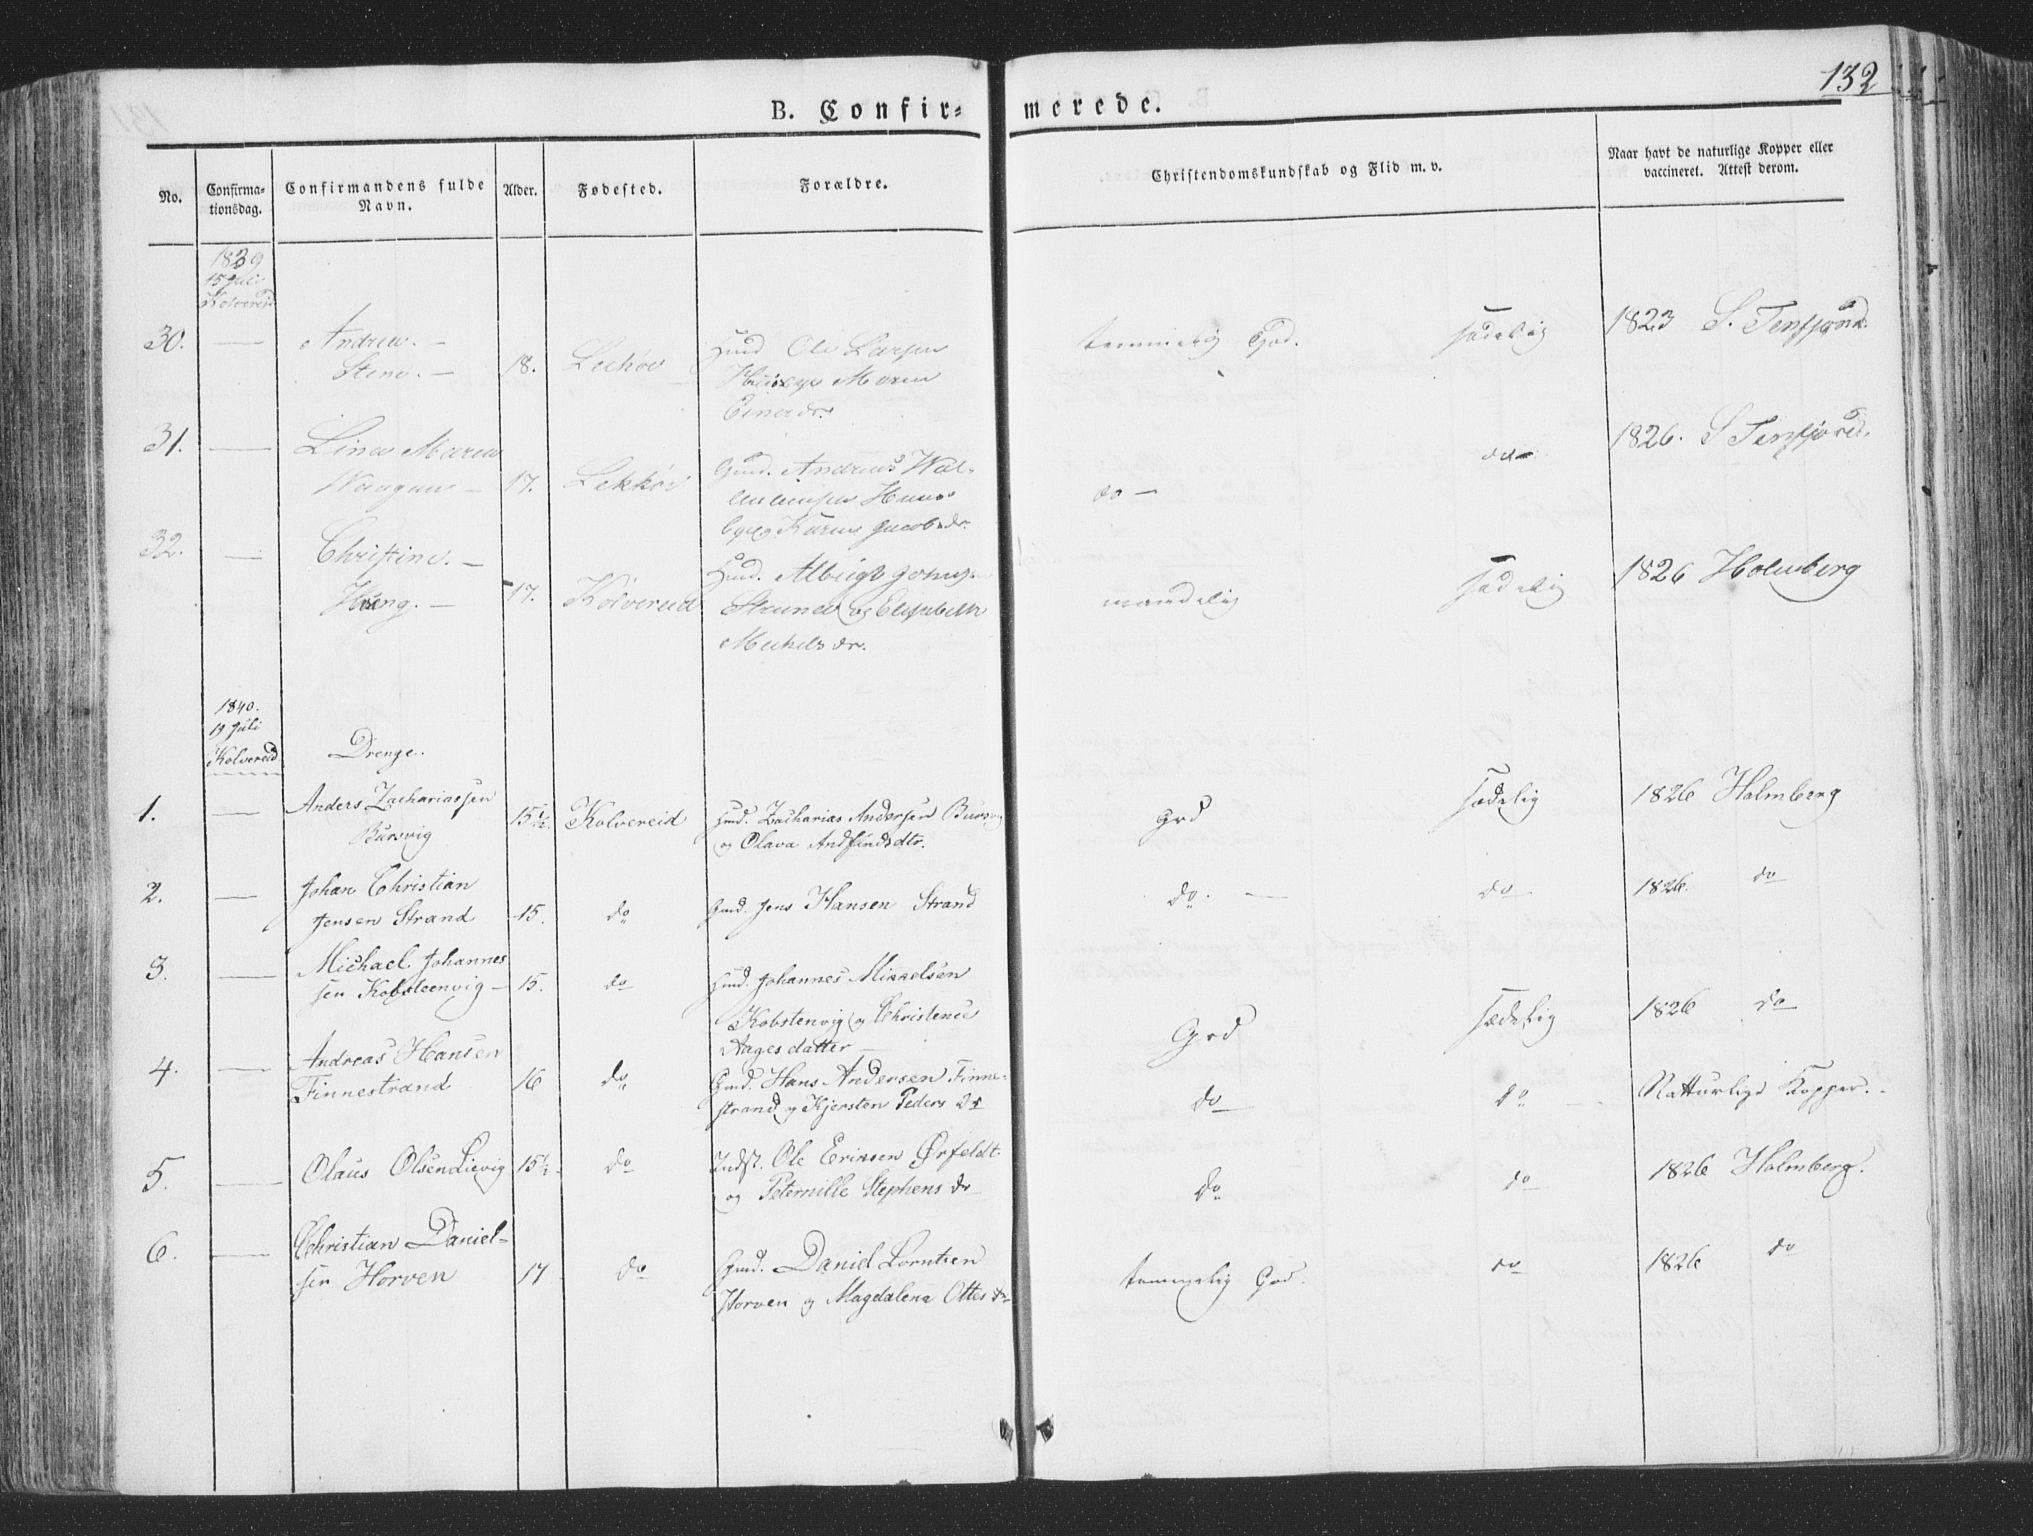 SAT, Ministerialprotokoller, klokkerbøker og fødselsregistre - Nord-Trøndelag, 780/L0639: Ministerialbok nr. 780A04, 1830-1844, s. 132